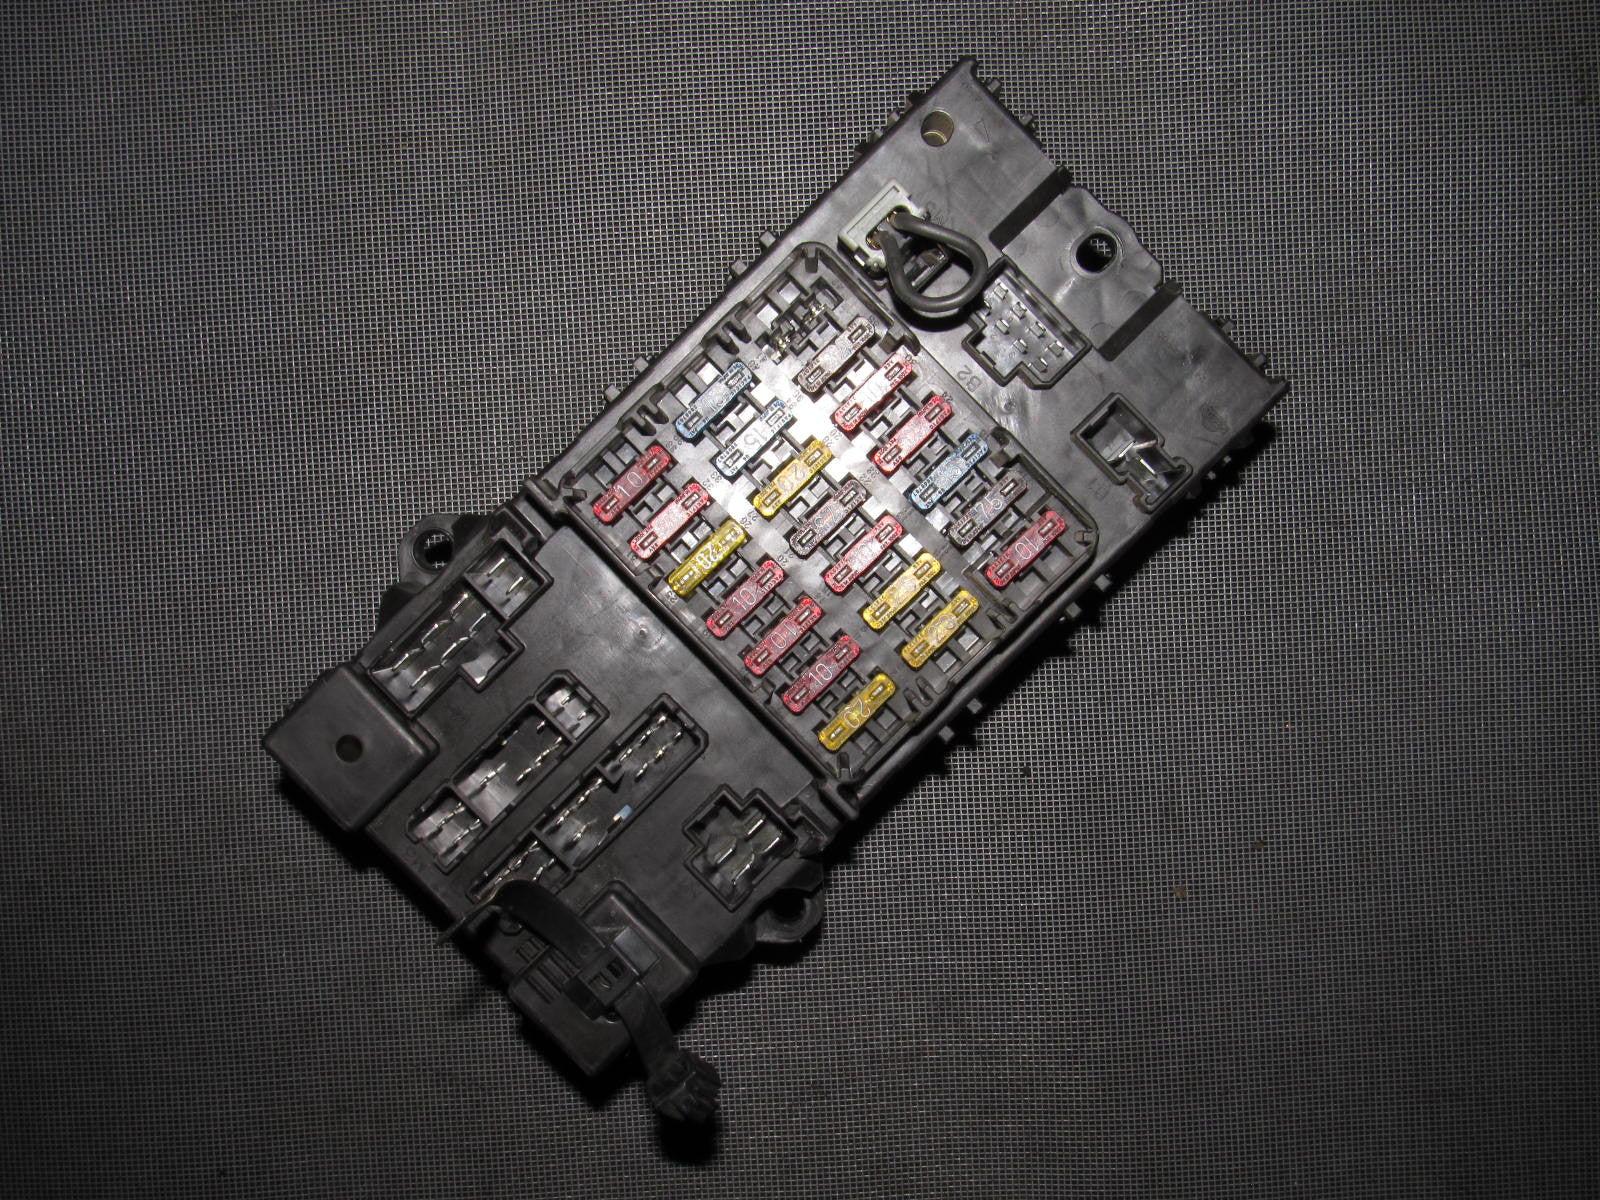 medium resolution of 90 91 92 93 94 95 96 nissan 300zx oem interior fuse box 90 91 92 93 94 95 96 nissan 300zx oem interior fuse box